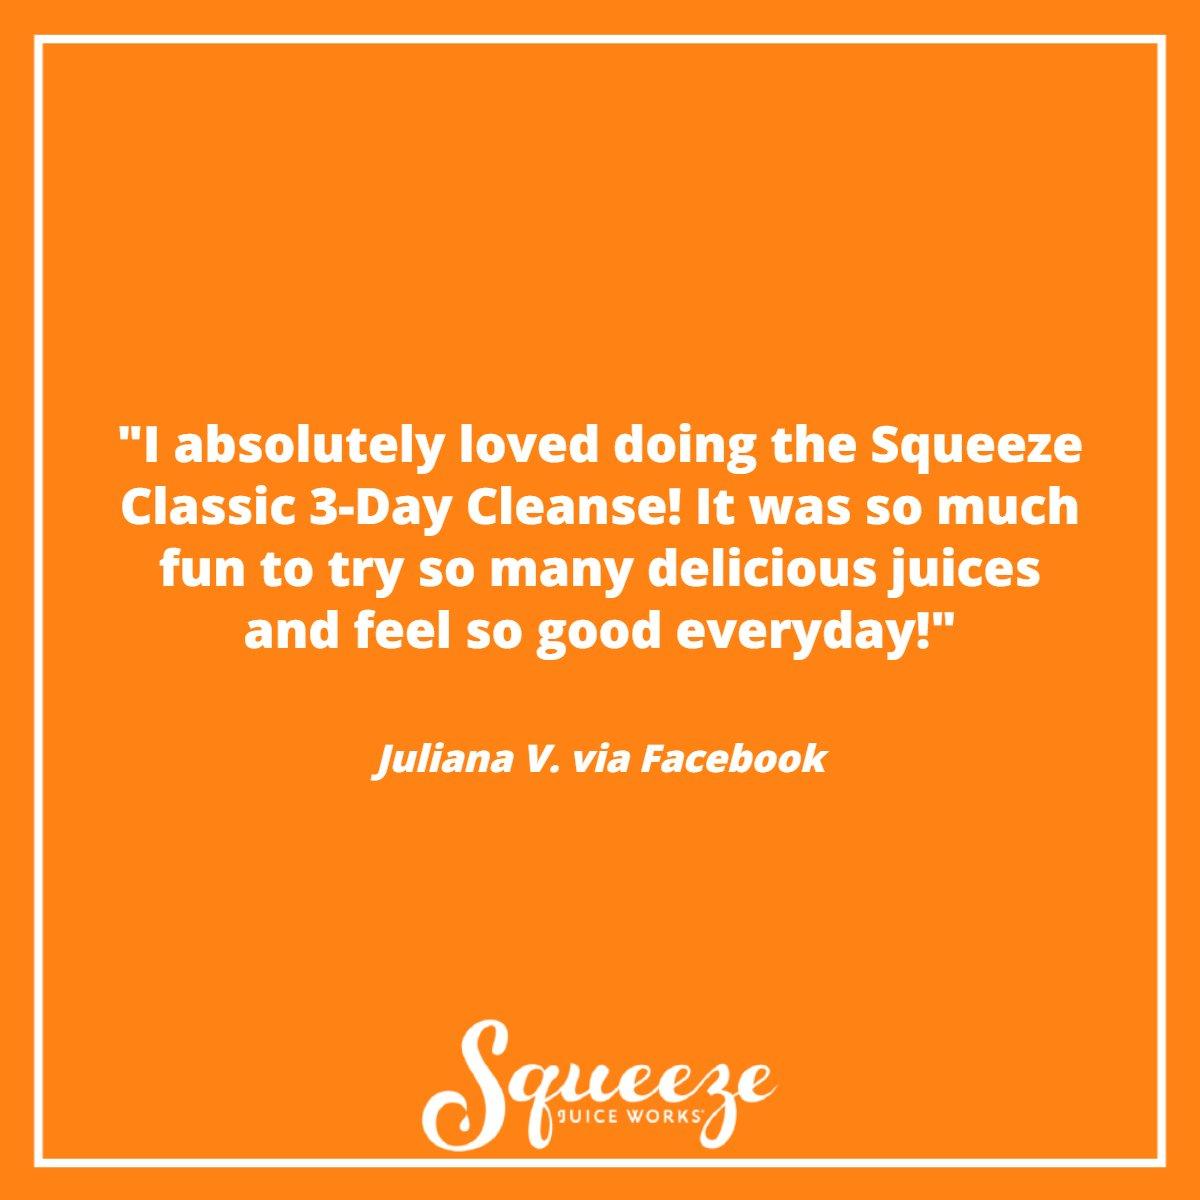 Squeeze Juice Works